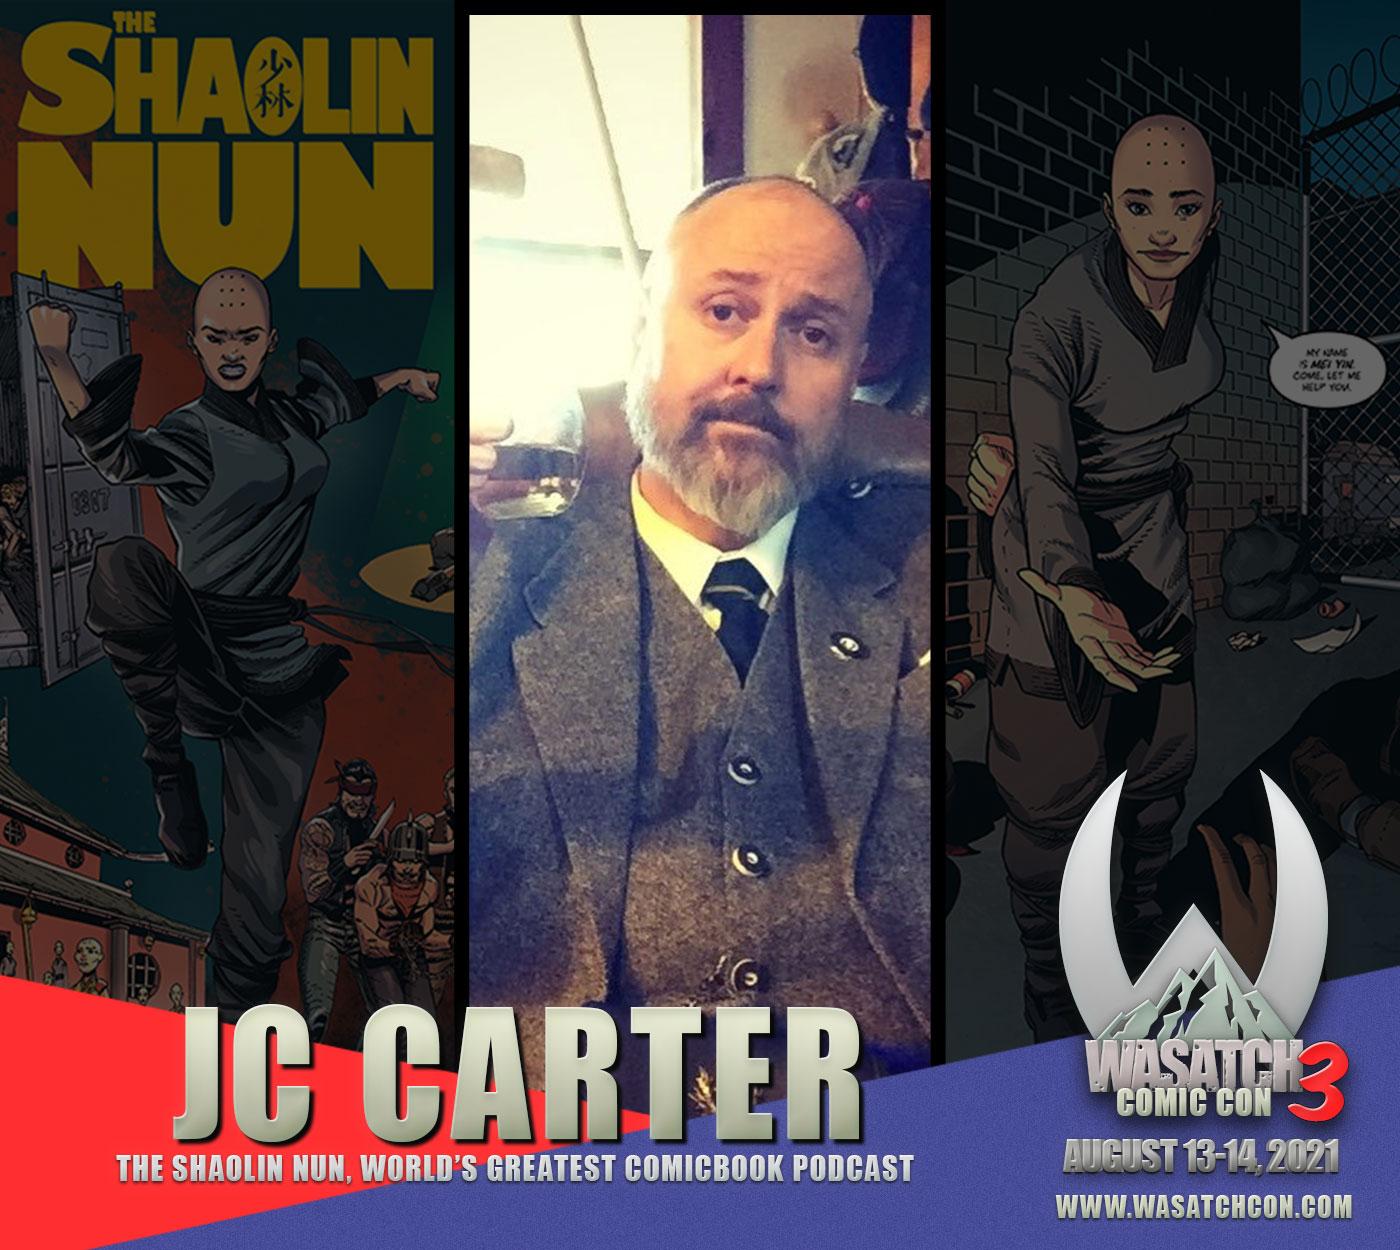 JC-CARTER